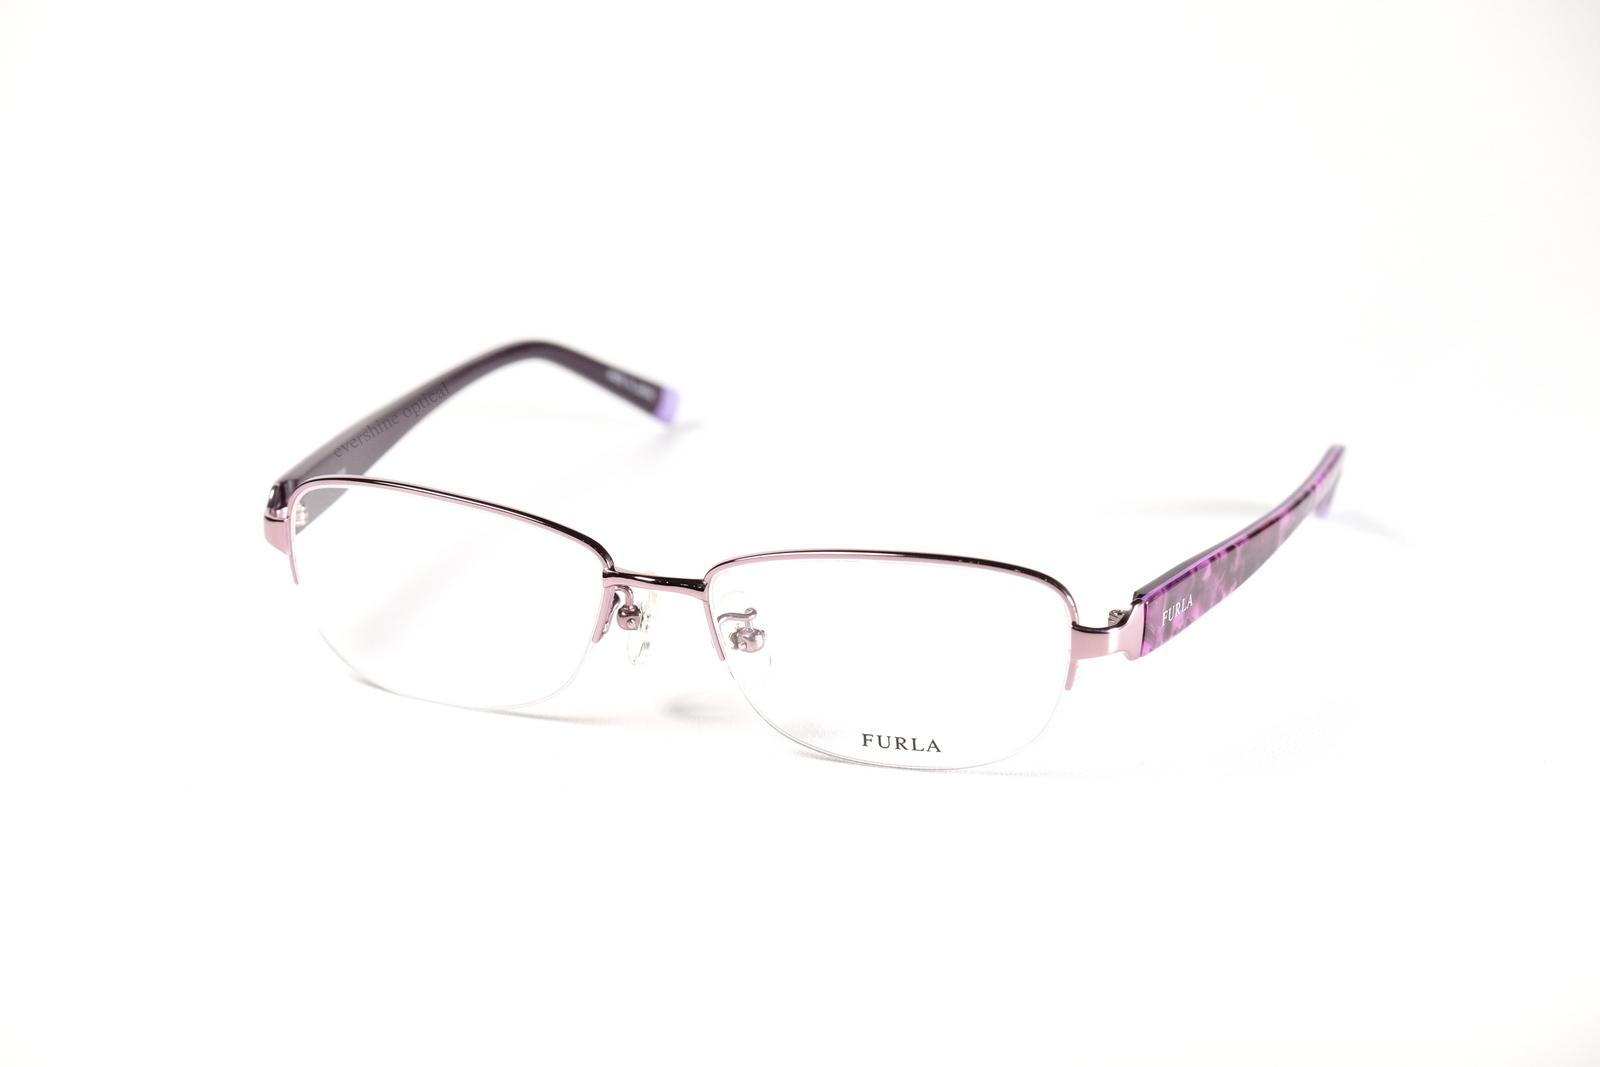 70d7c7cad2 Furla Eyewear available at Evershine Optical - Evershine Optical